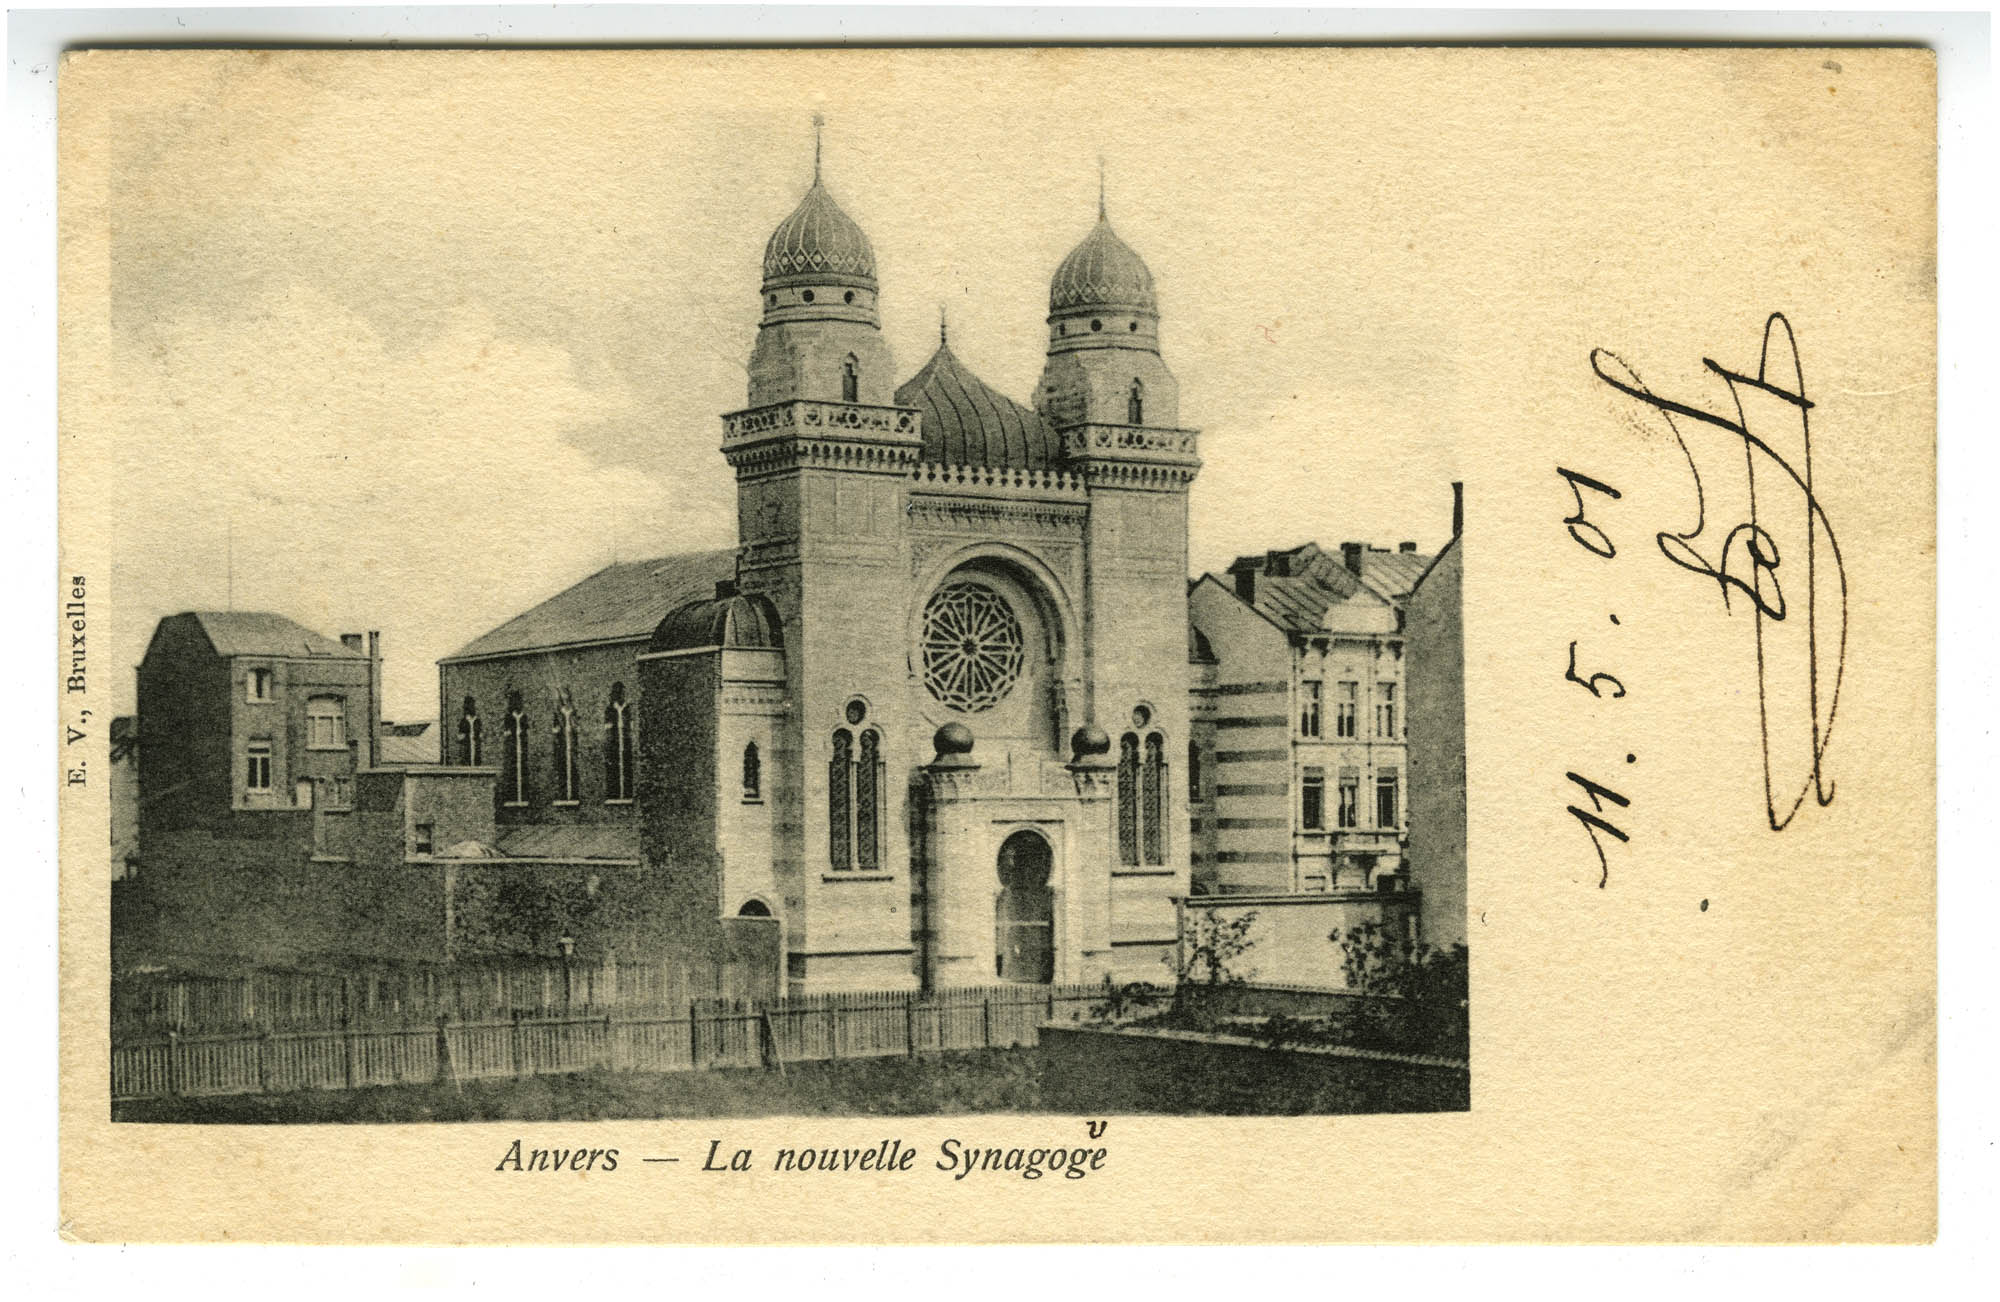 Anvers - La nouvelle Synagoge